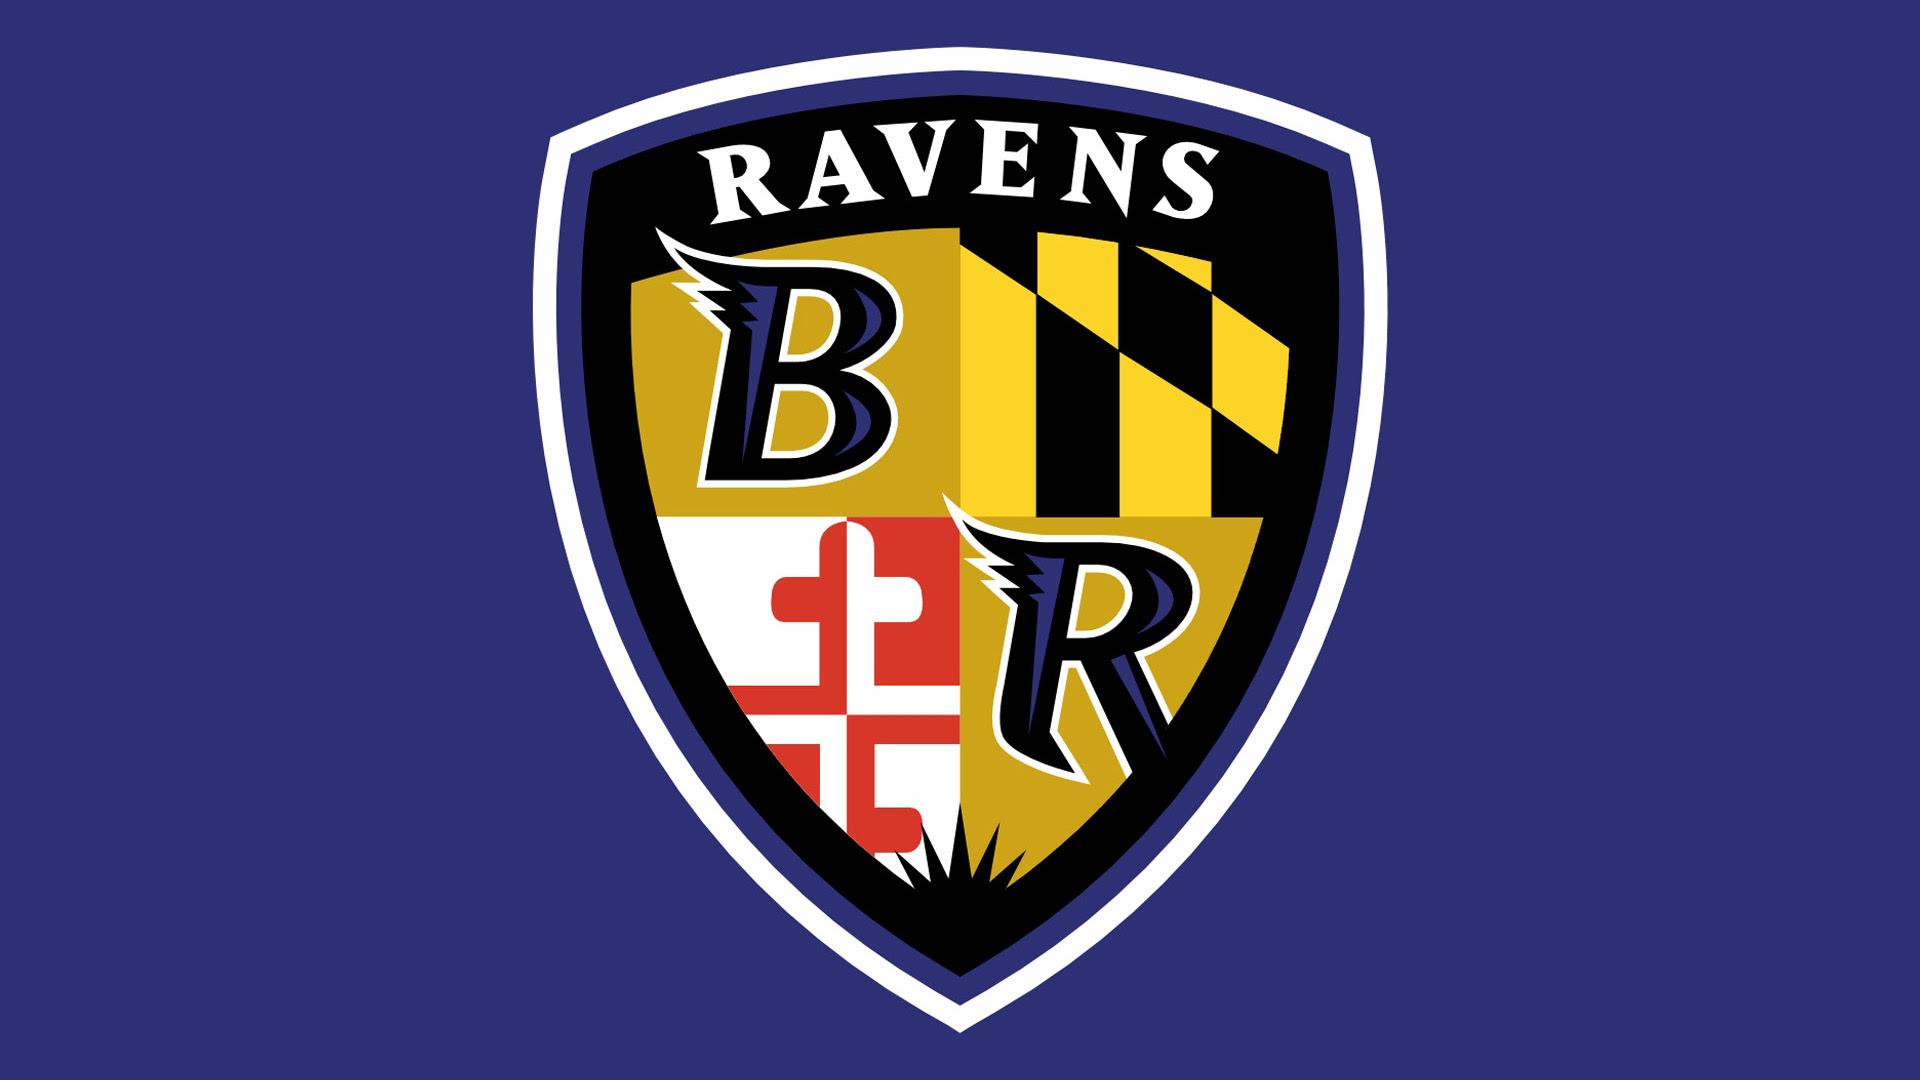 shield, ravens, raven